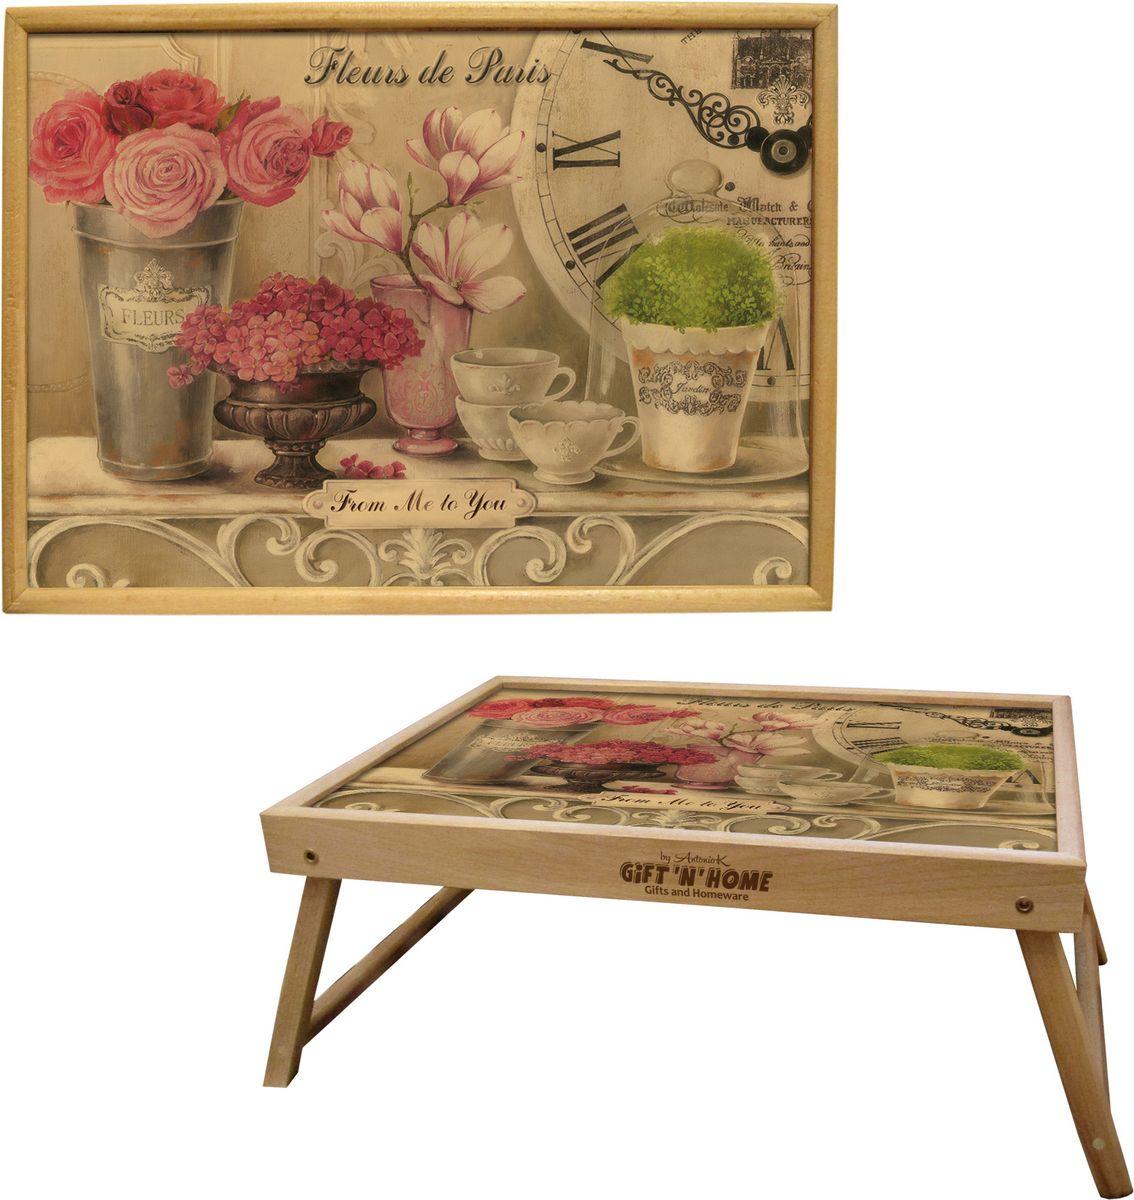 Столик с раскладными ножками GiftnHome Парижские цветы, 25 х 37,5 смTL-FleursСтолик-поднос с раскладными ножками GiftnHome Парижские цветы - это истинный комплимент вашим любимым и близким людям, он станет отличным подарком. Он выполнен из благородной породы древесины - бука. Подать кофе, завтрак в постель или вынести на веранду гостям закуски, фрукты сервированные на стильном подносе, с оригинальным принтом на поверхности.Изделие несомненно внесет свой Арт-стиль и уютную атмосферу в домашнее пространство. Нанесенные на столешницу дизайнерские принты прекрасно дополнят интерьер вашего дома, дачи, студии или городской кухни - это современные, актуальные изделия, выполненные с душой, и несущие в дом настроение.Высота столика: 15 см.